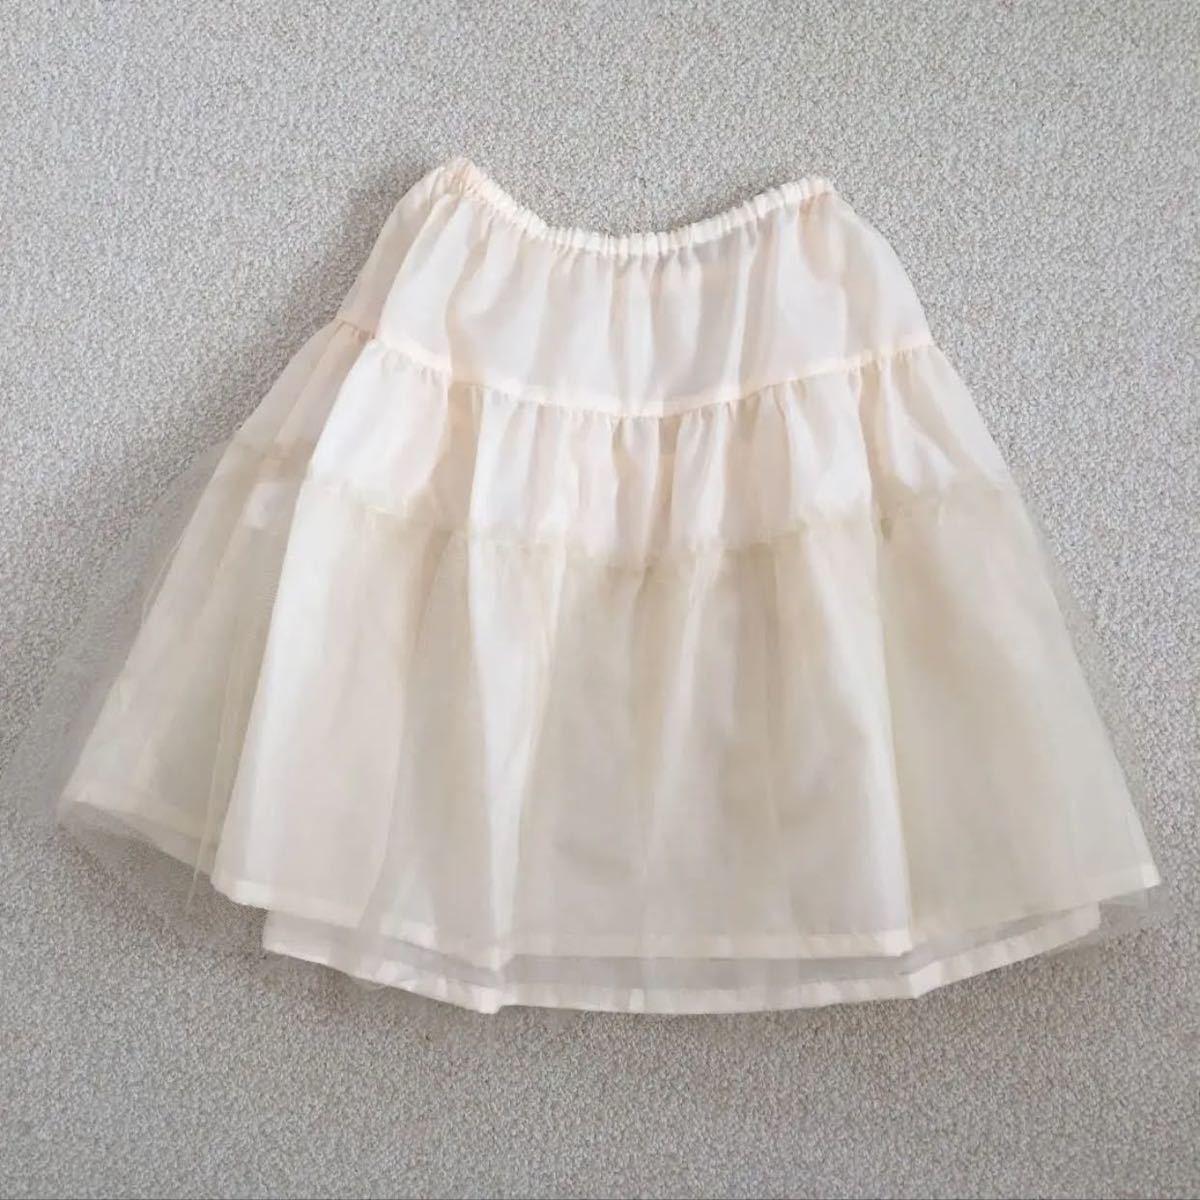 ドレス ワンピース パーティードレス ベージュ パニエ付   ミディアムドレス ミニドレス